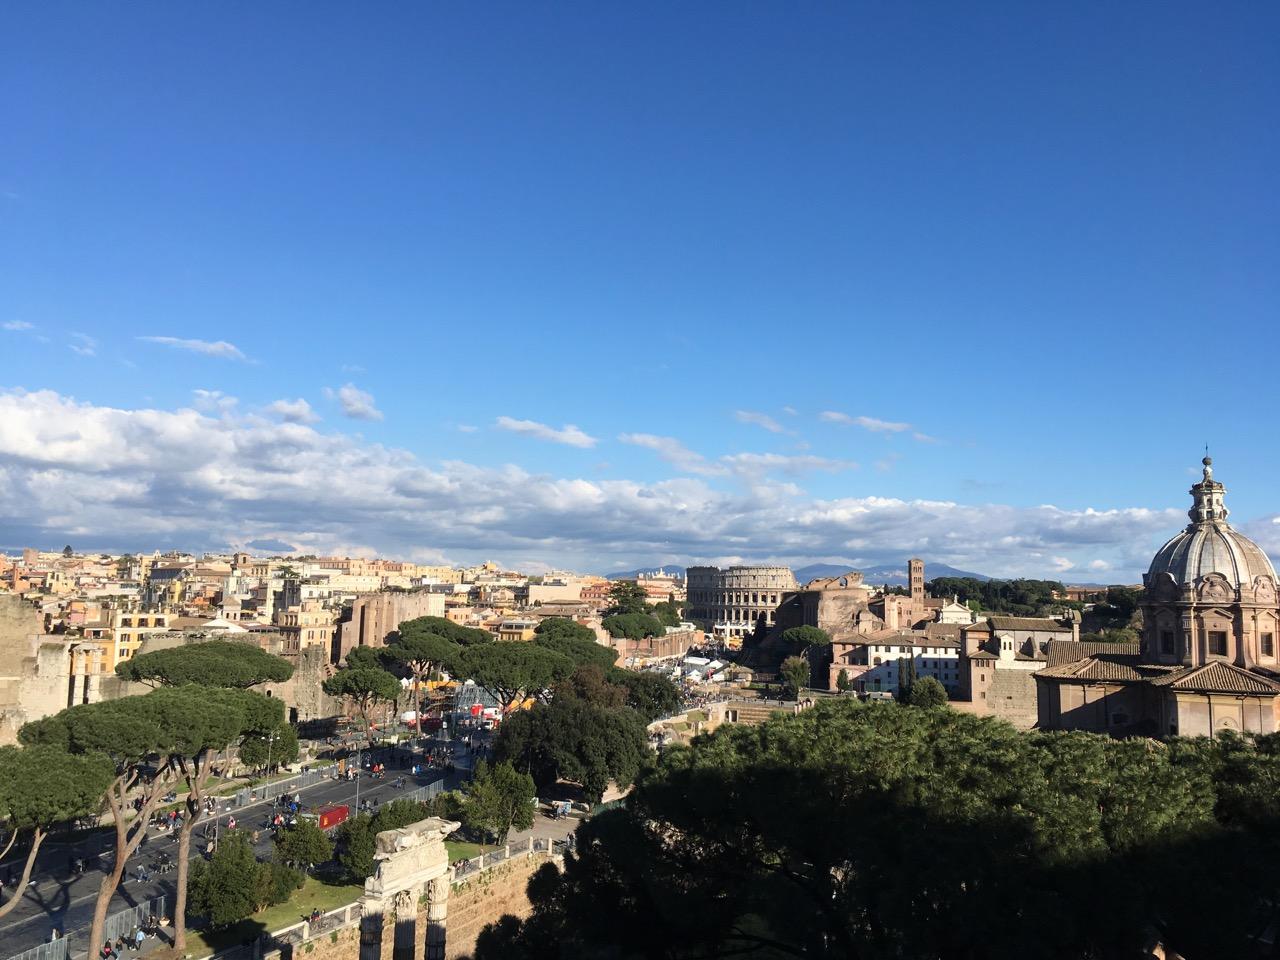 在四周的观景台上可以俯瞰罗马全景,远处就是斗兽场